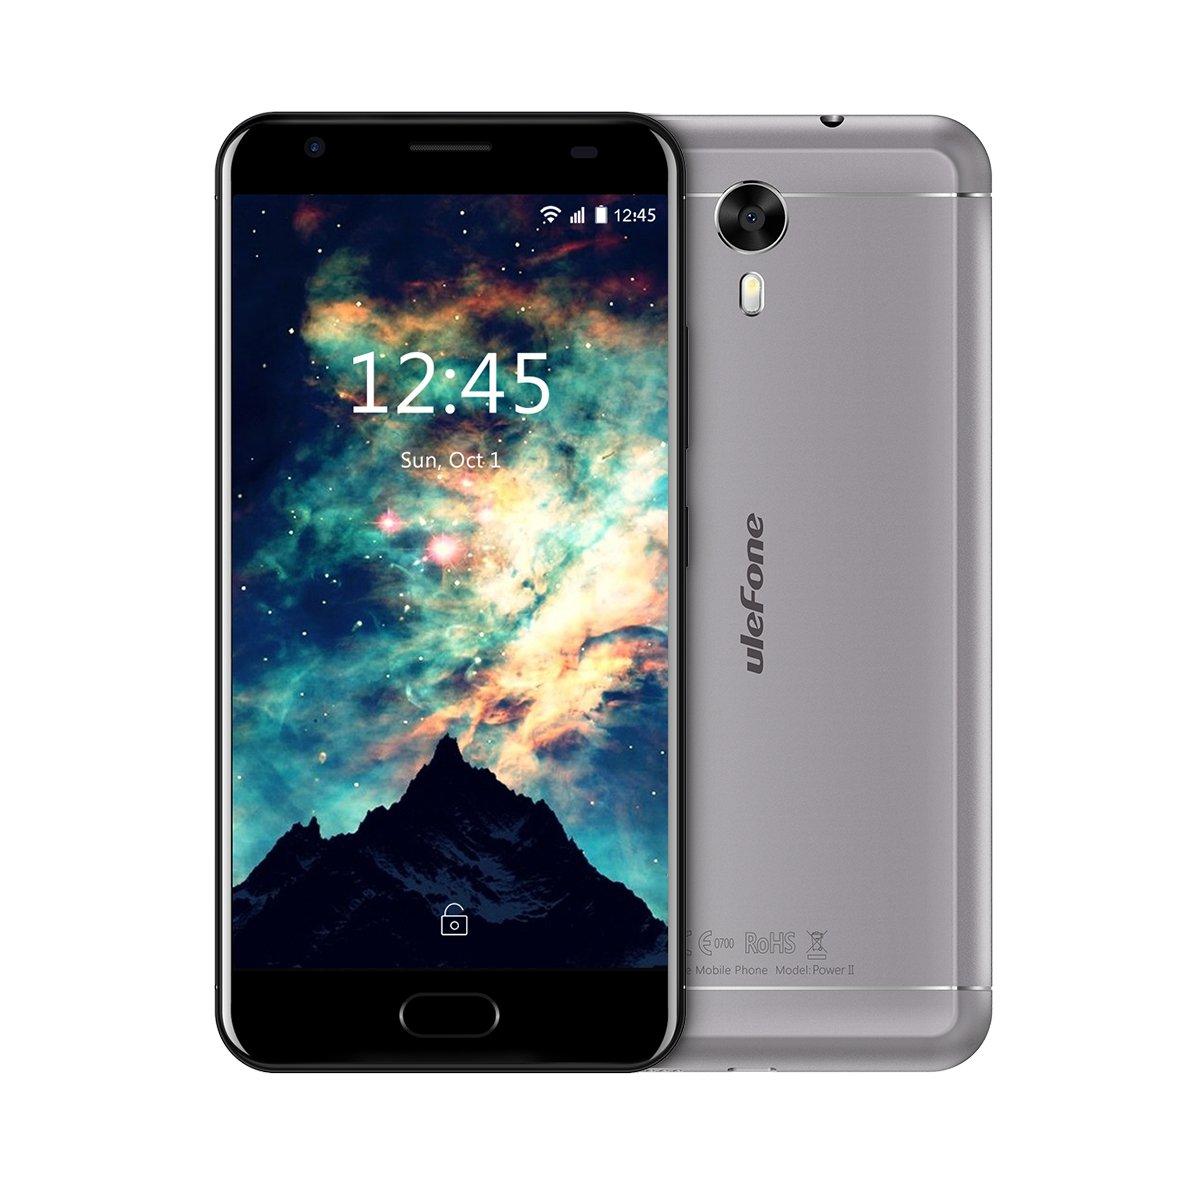 Ulefone U008 Pro Smartphone Libre 4G Negro 5.0 HD 1280 * 720 Tel/éfono M/óvil Libre MT6737 Quad-Core 1.3GHz CPU C/ámara de 8MP//5MP 2G+16G Bater/ía 3500mAh,Dual SIM Android 6.0